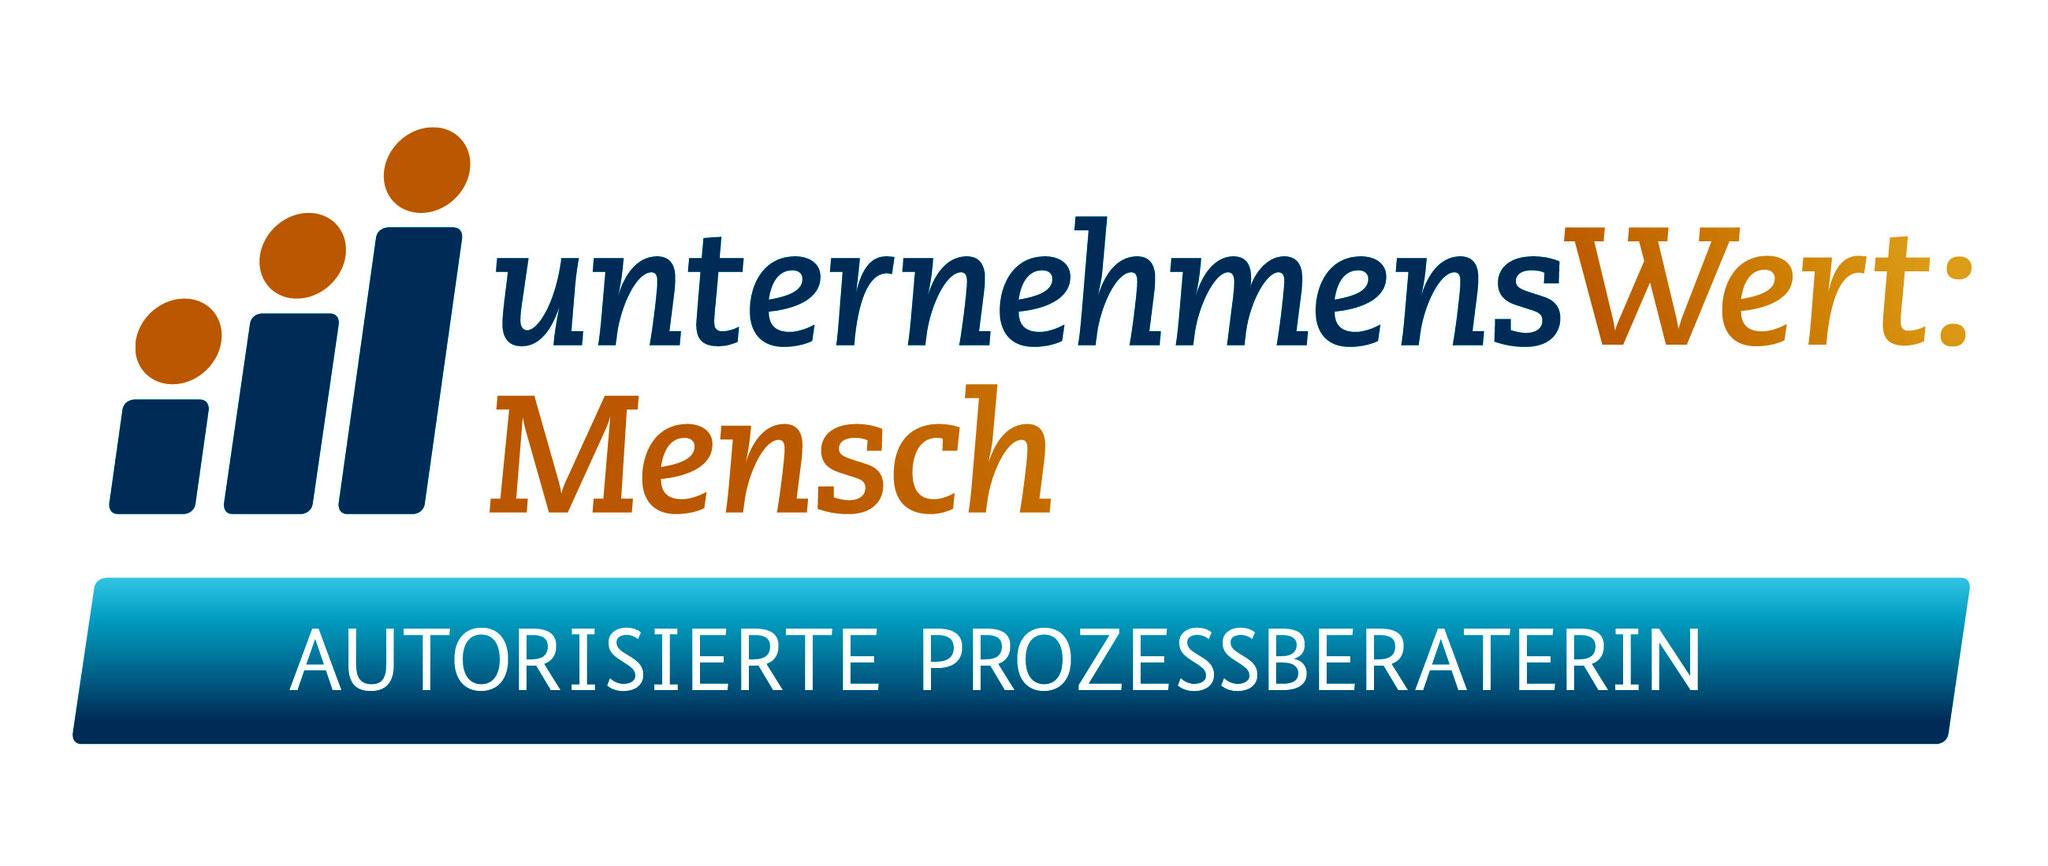 Elke Kirchner ist Prozessberaterin bei unternehmensWert:Mensch